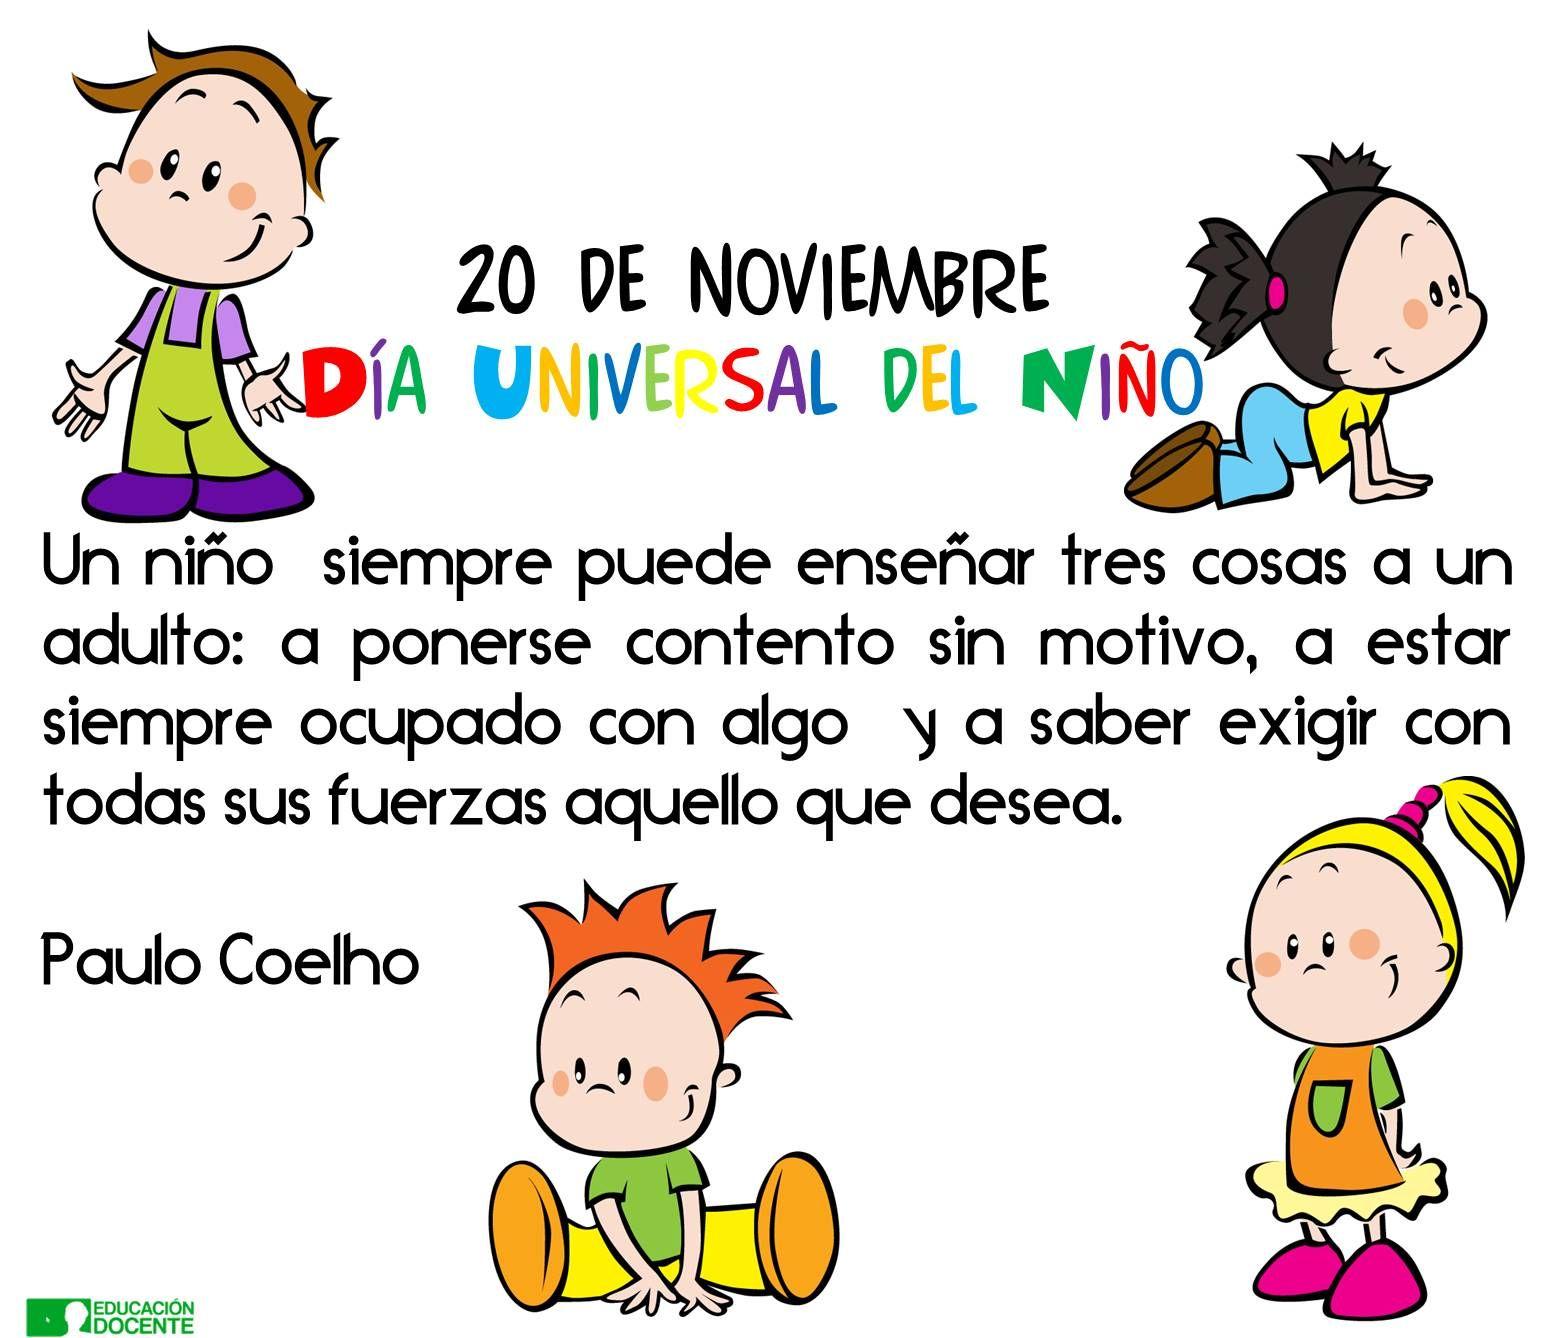 20 de noviembre Día Universal del Niño y la Niña